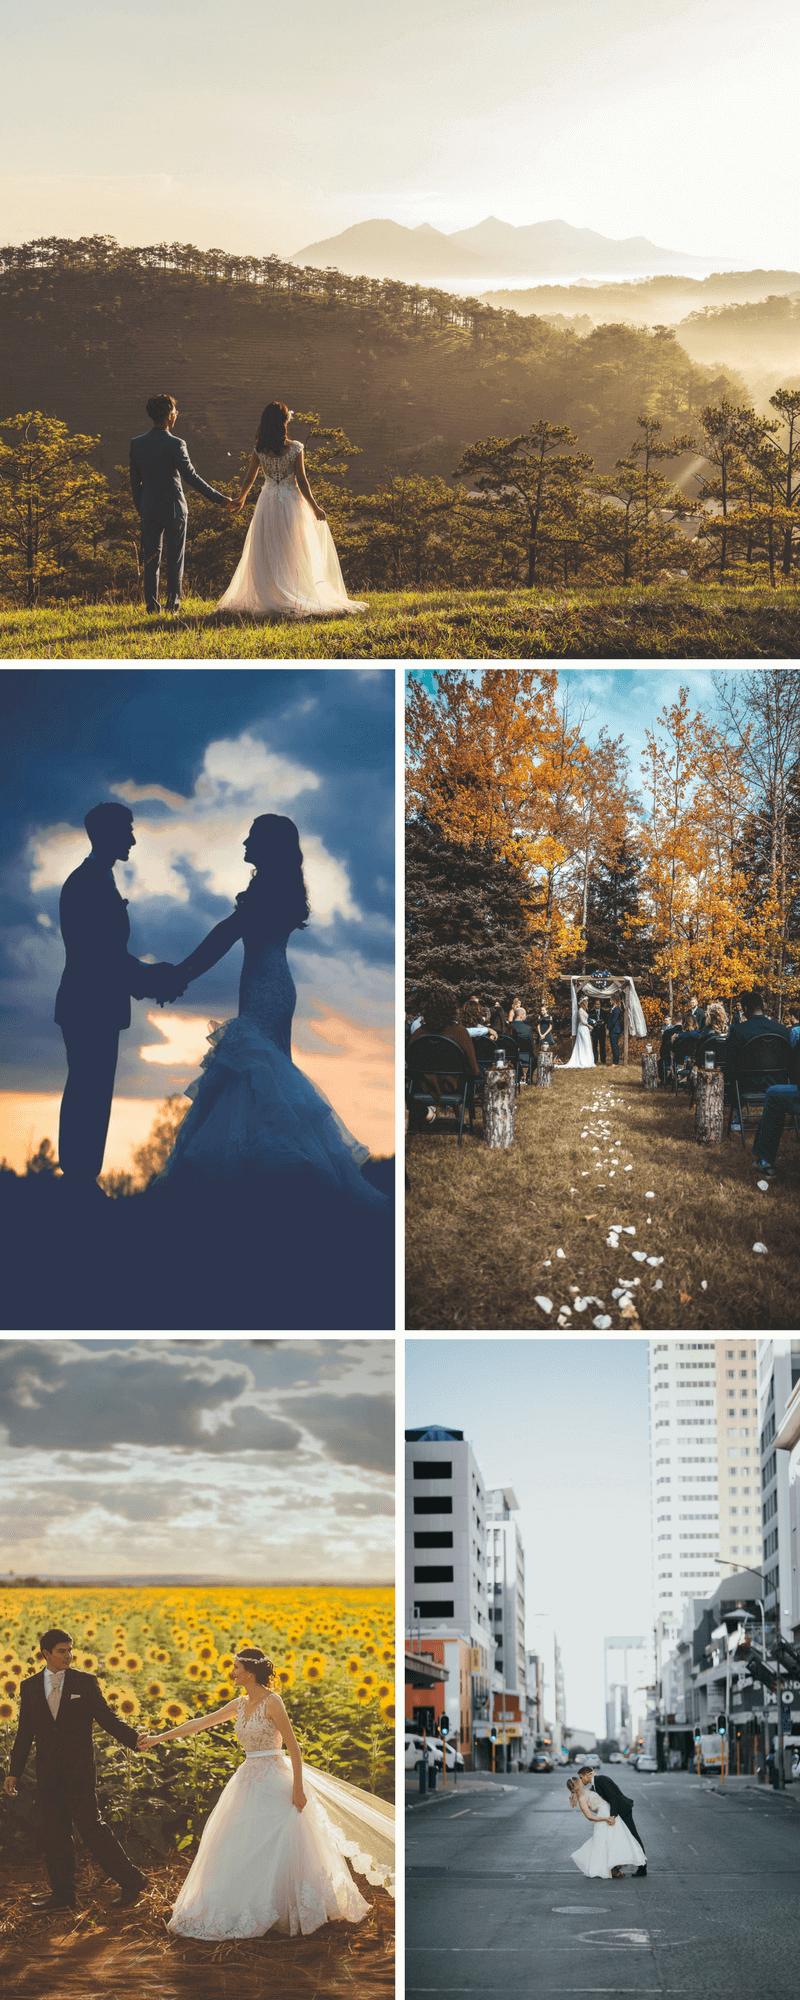 Fabelhaft Ideen Für Hochzeitsfotos Referenz Von Diese Fotos Beweisen, Wie Wichtig Die Location